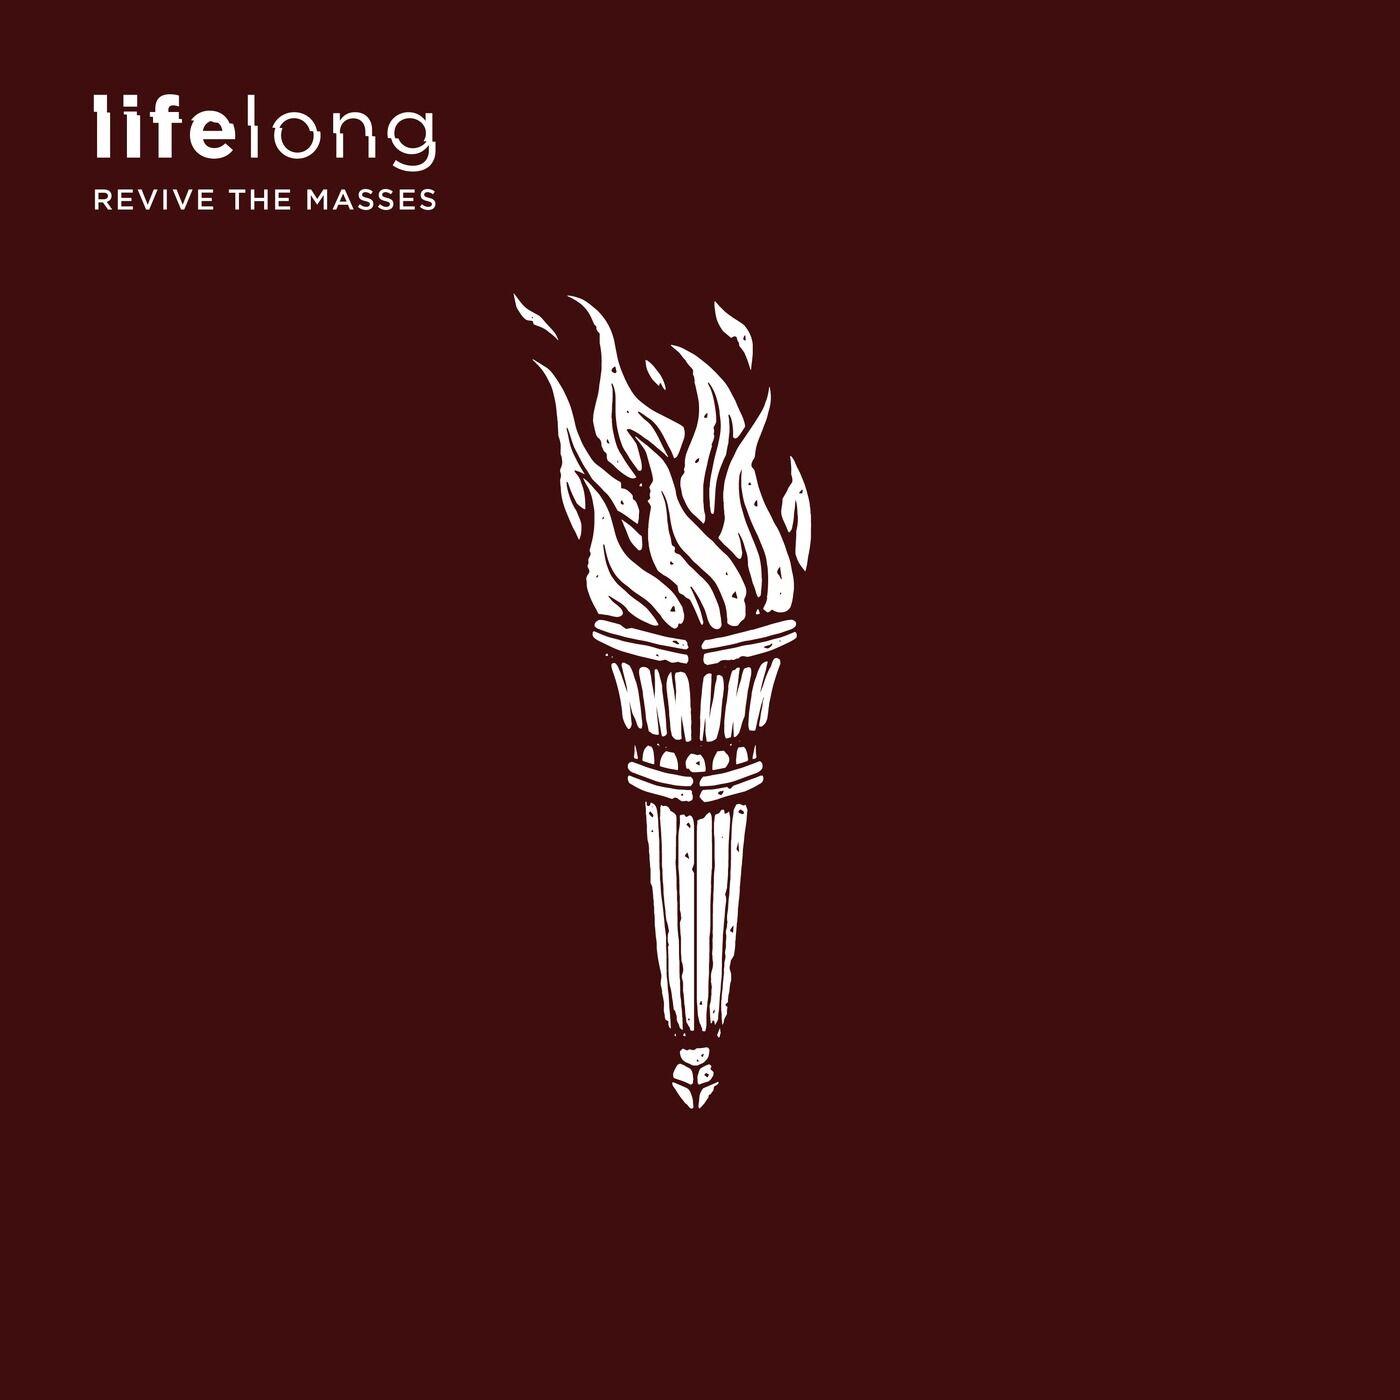 Lifelong - Revive the Masses [EP] (2018)